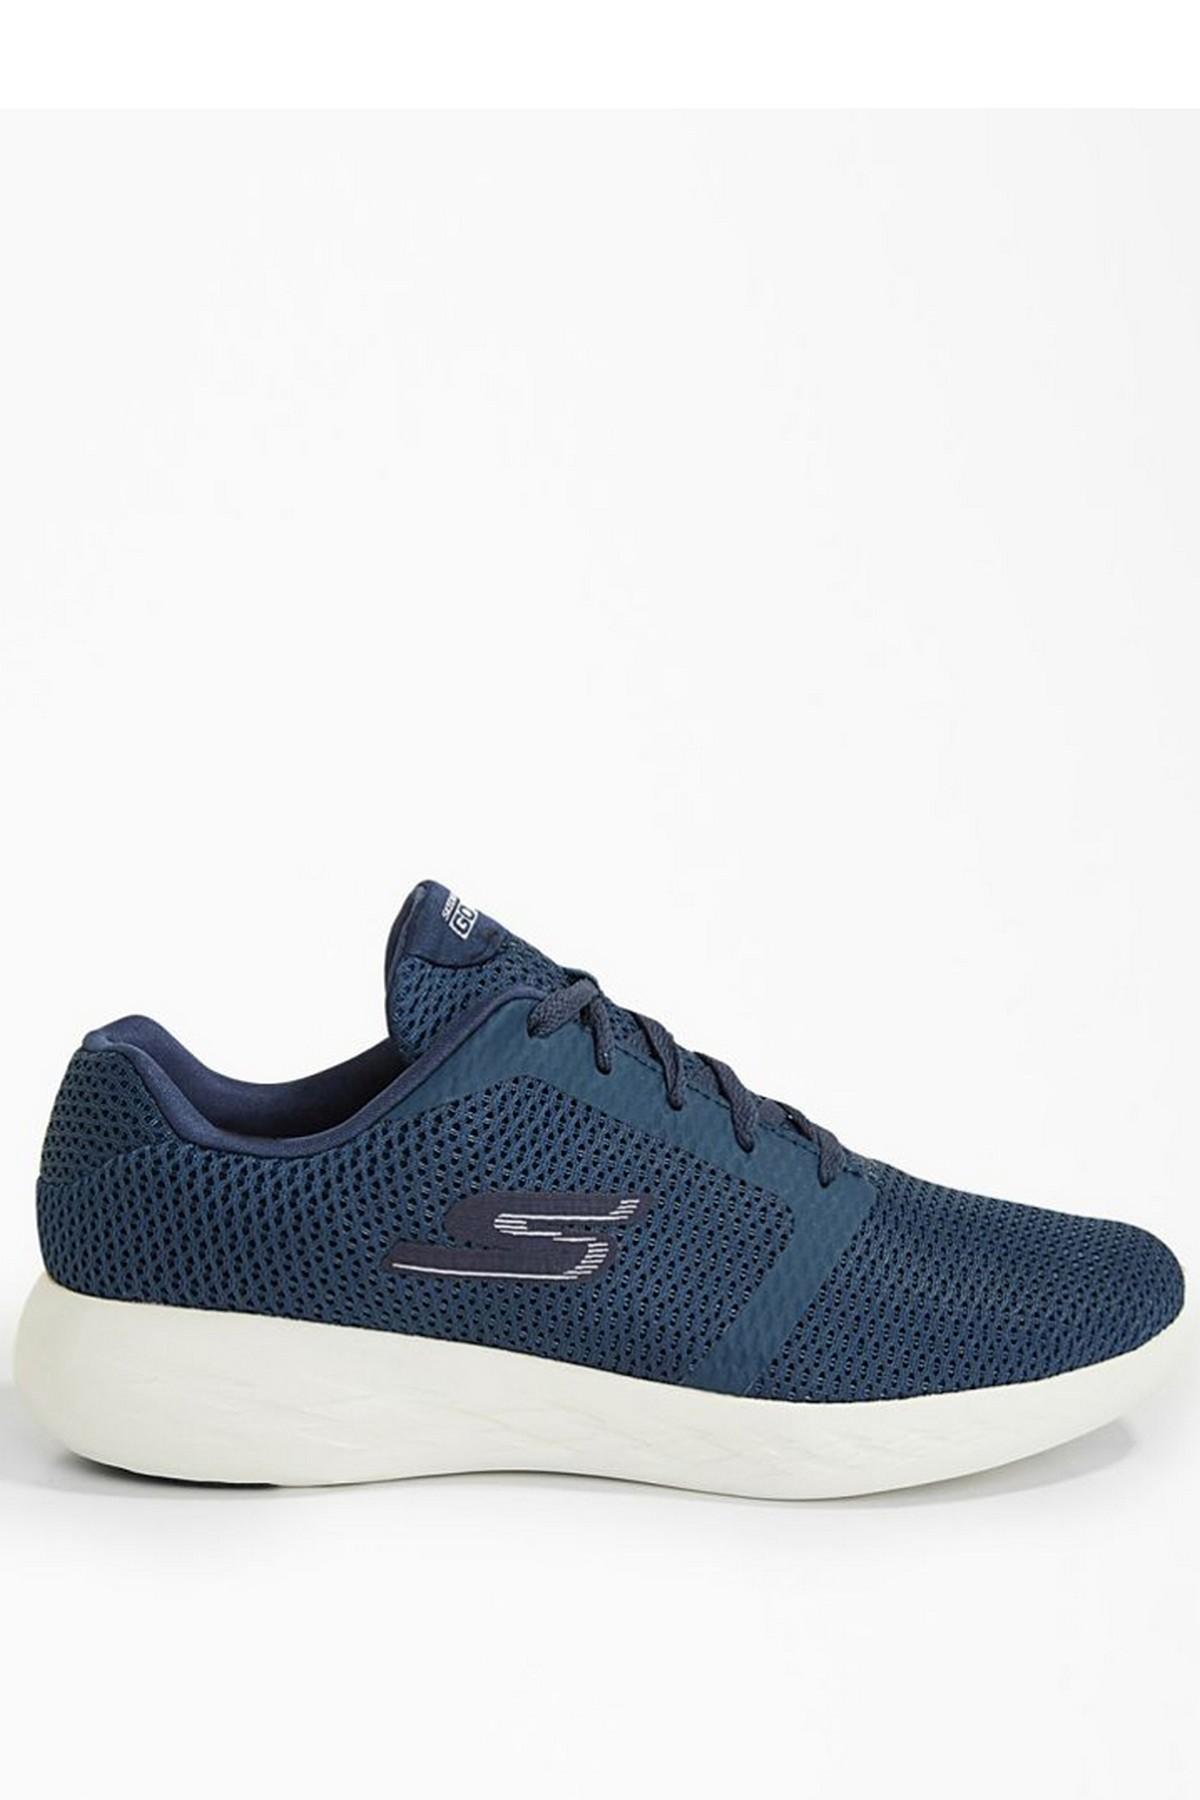 Skechers Kadın Lacivert Koşu Ayakkabısı Go Run 600 (15061-NVY)